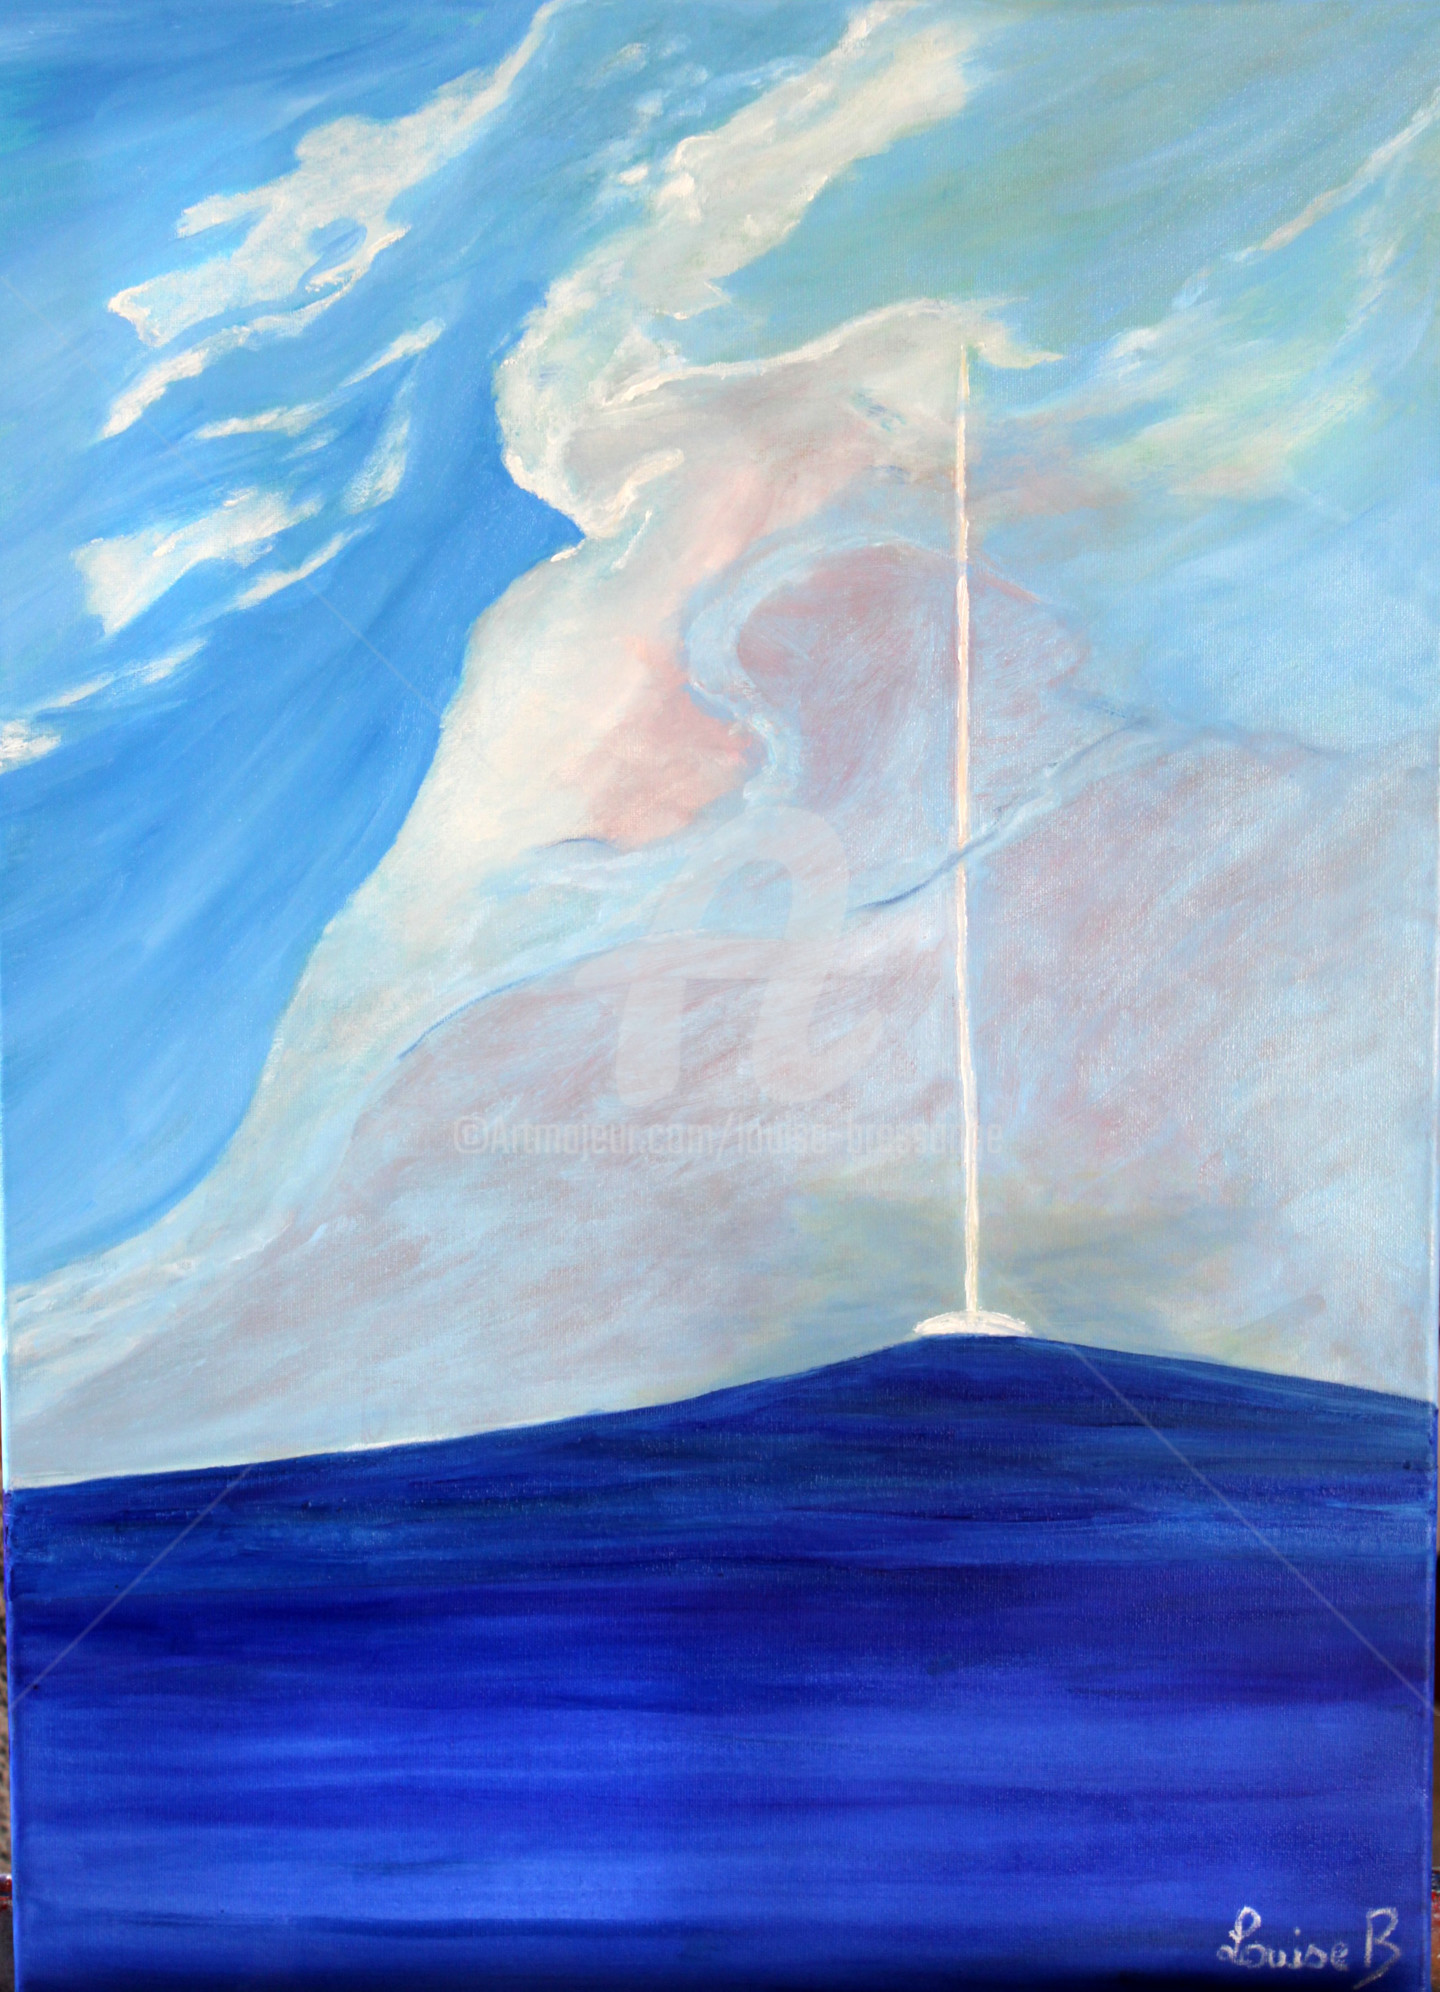 Louise Bressange - bateau-s-enfoncant-dans-les-nuages.jpg